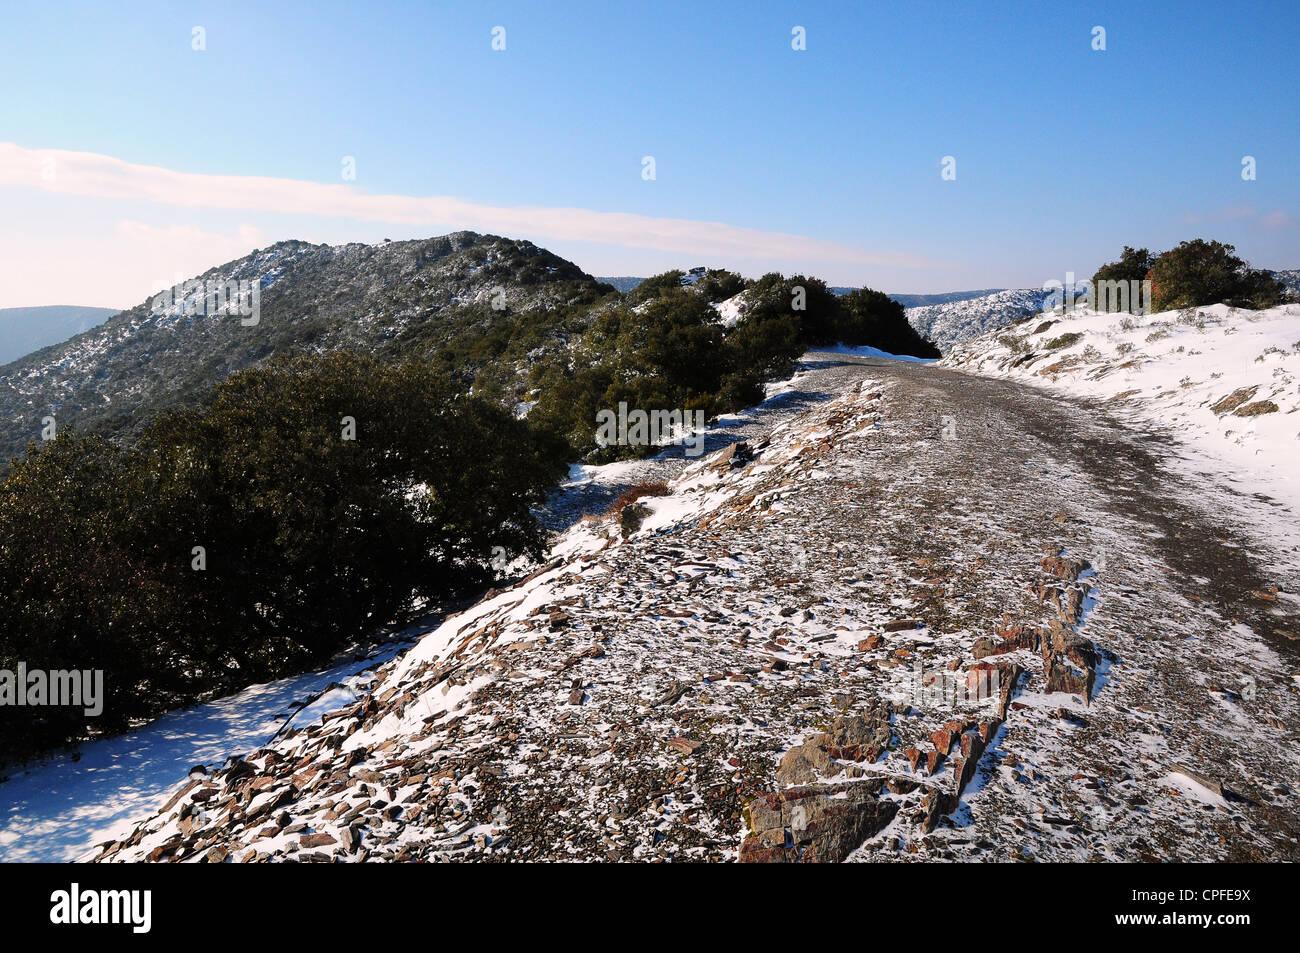 Percorso intorno alla montagna con una spolverata di Neve Montagne Noire, Francia Immagini Stock